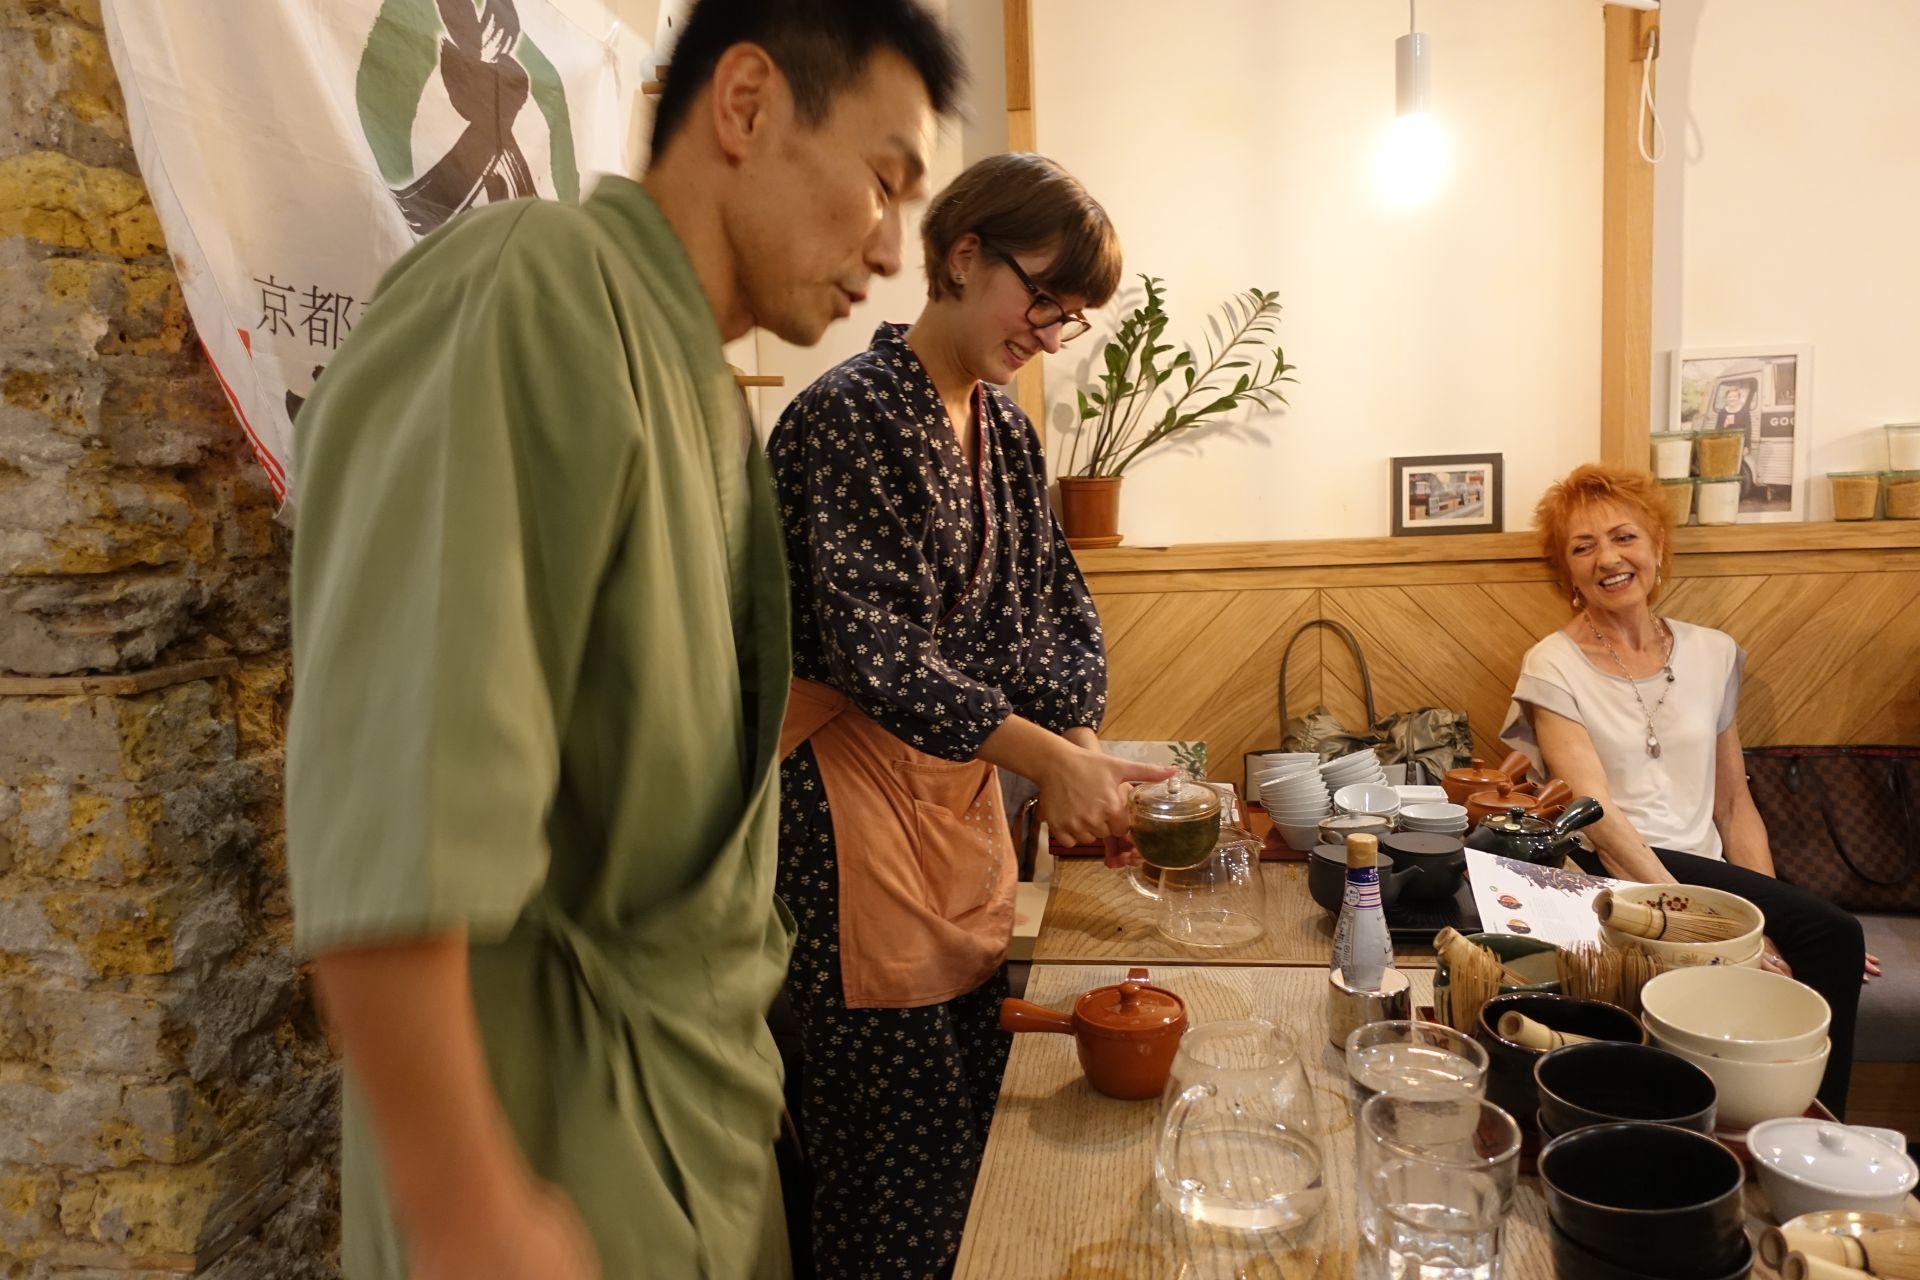 日本茶セミナー with UKティーアカデミー(ロンドン)|日本茶普及海外ツアー・欧州遠征2018